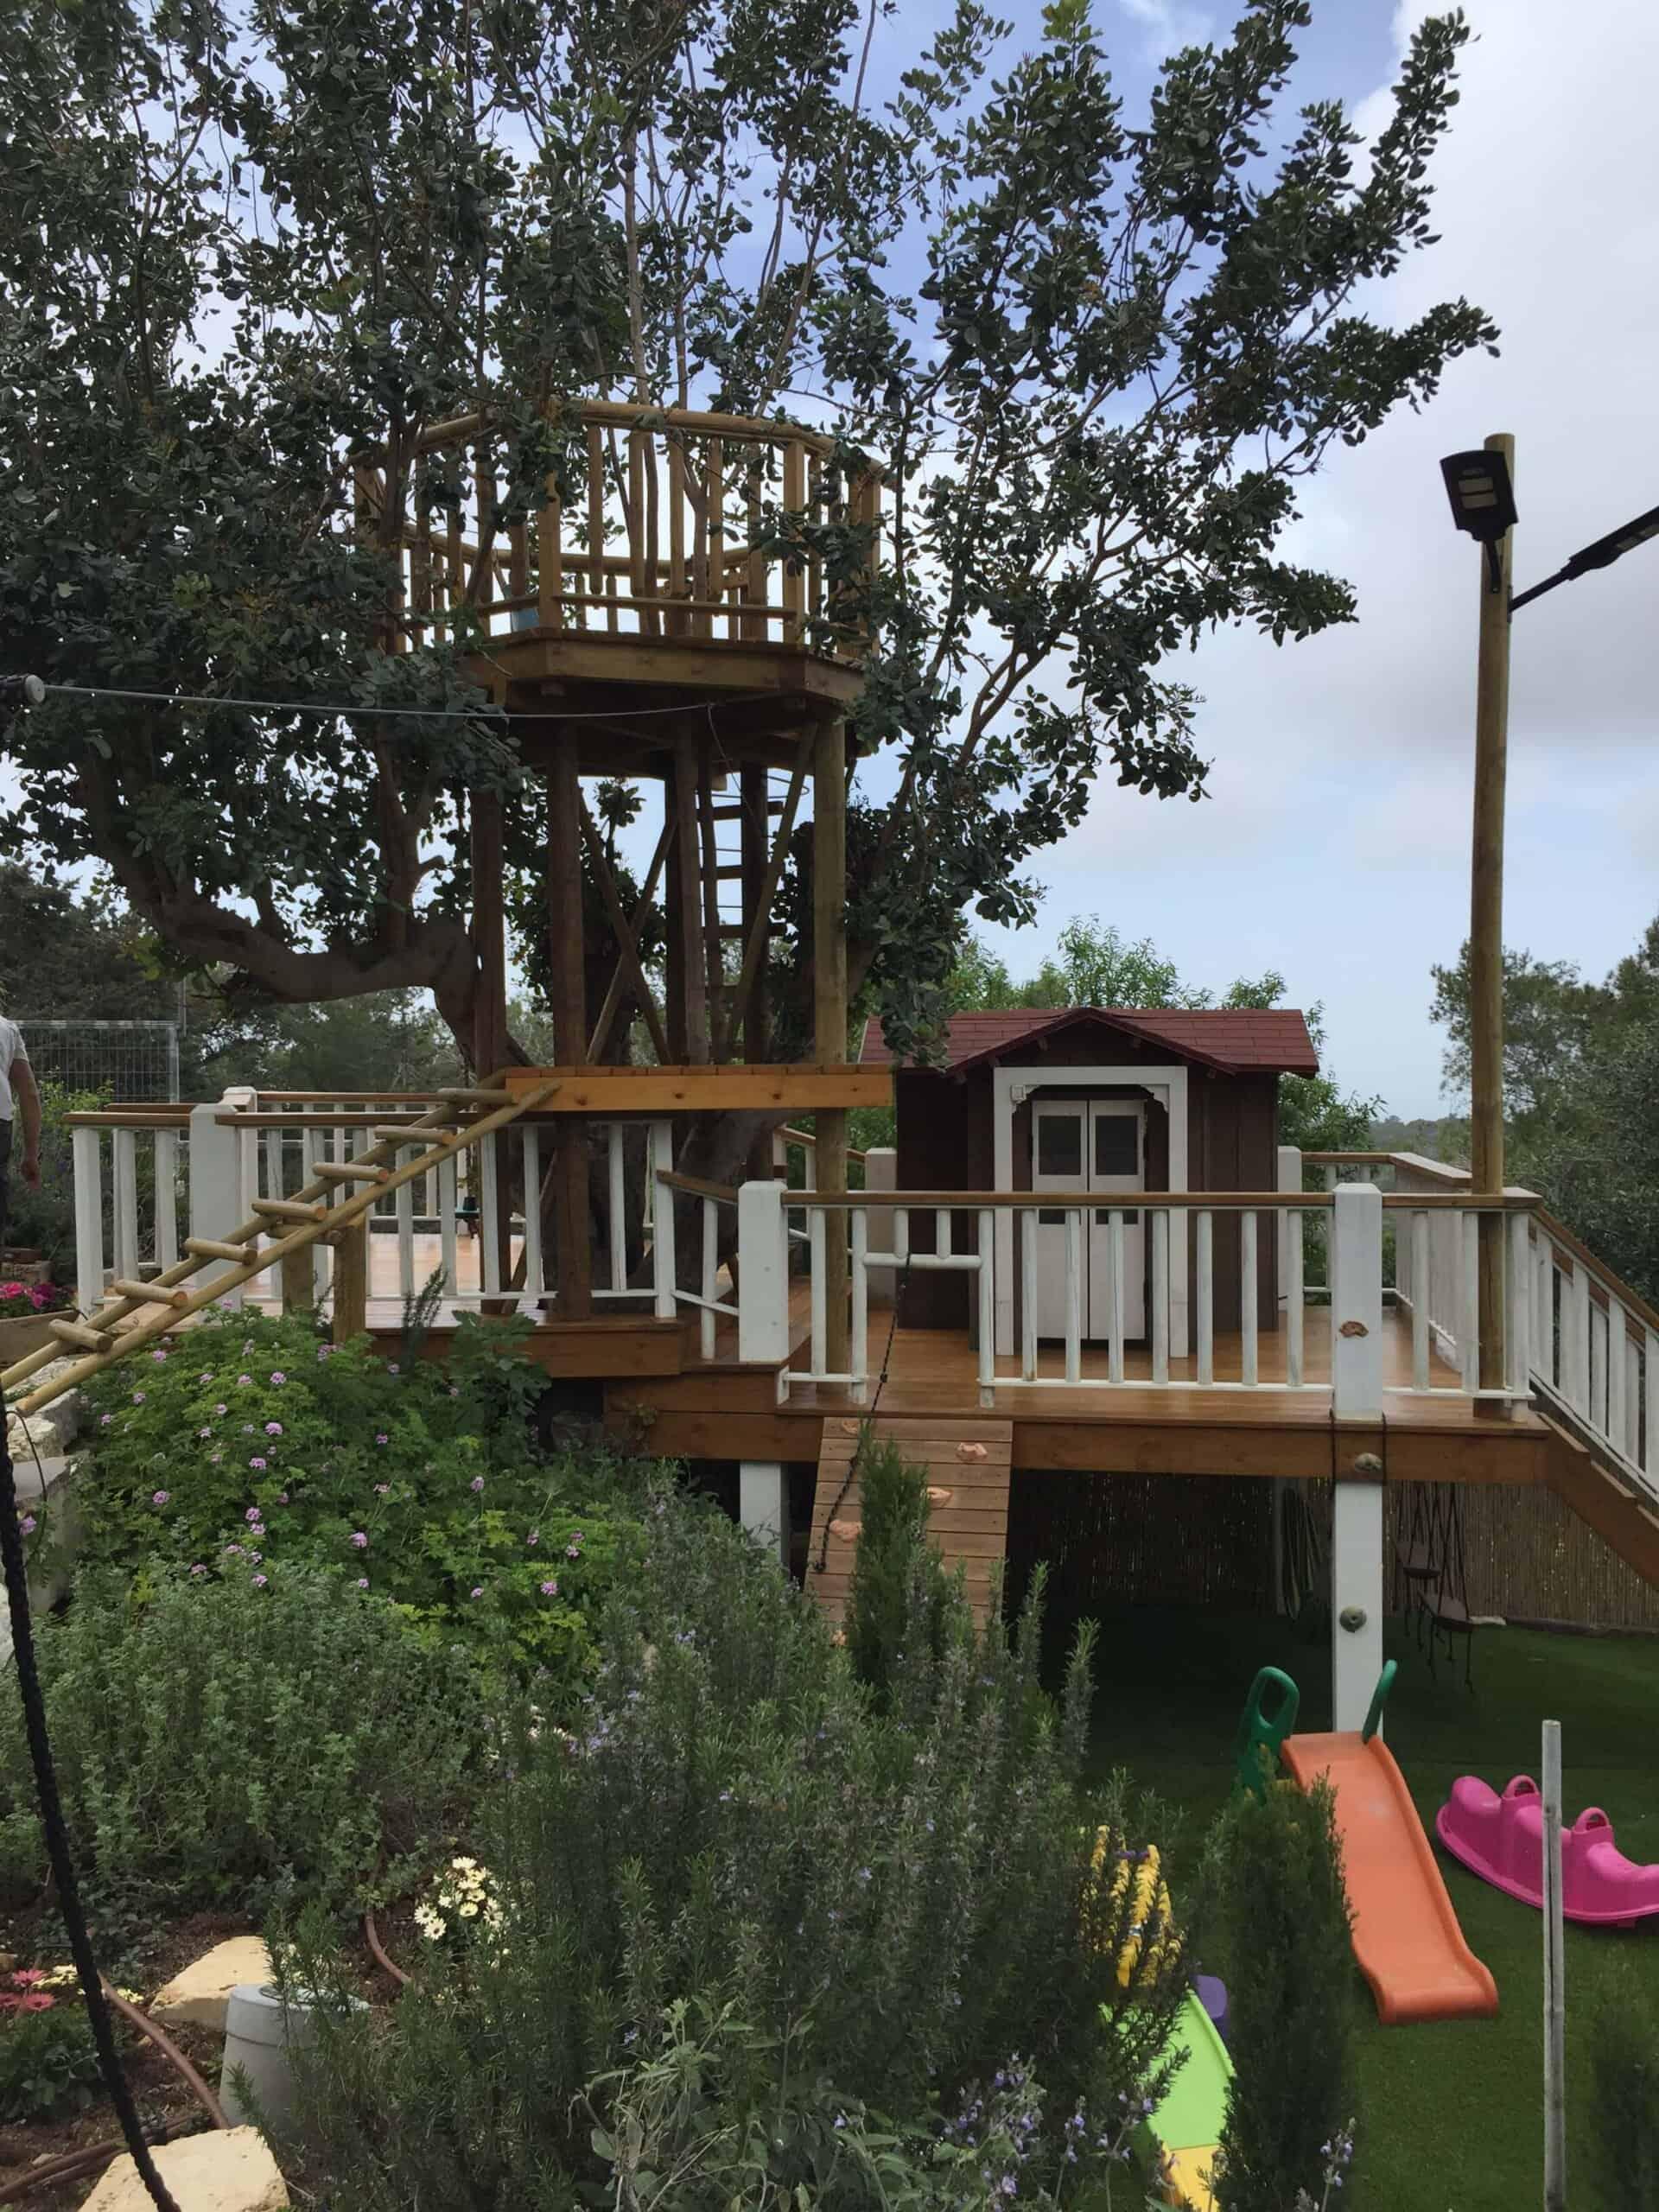 עשה זאת בעצמך - בית מעץ - קרדיט: דולב קלנר - מדרה עבודות עץ